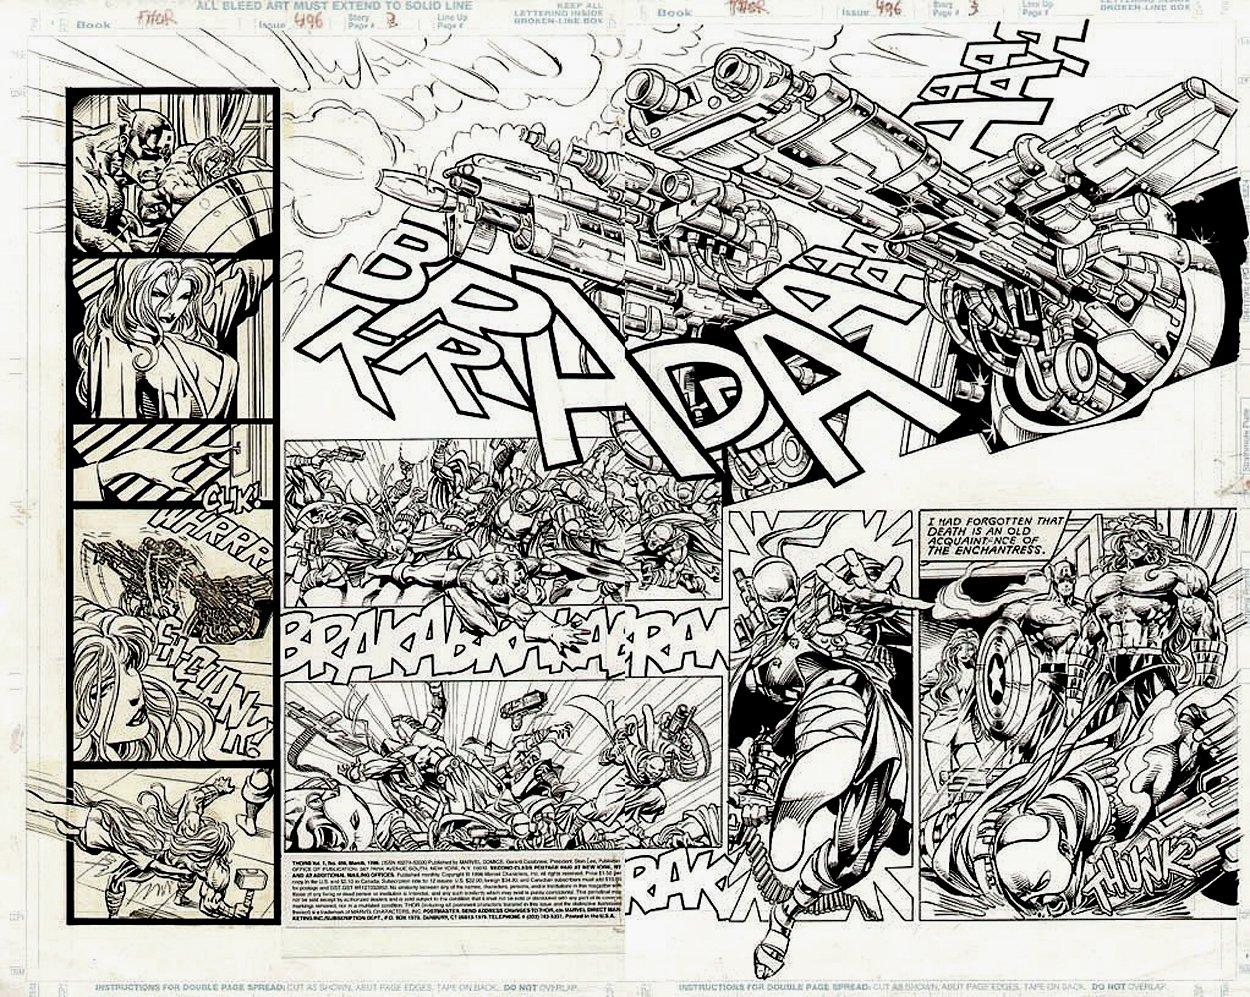 THOR #496 p 2-3 Double Spread Splash (1996)